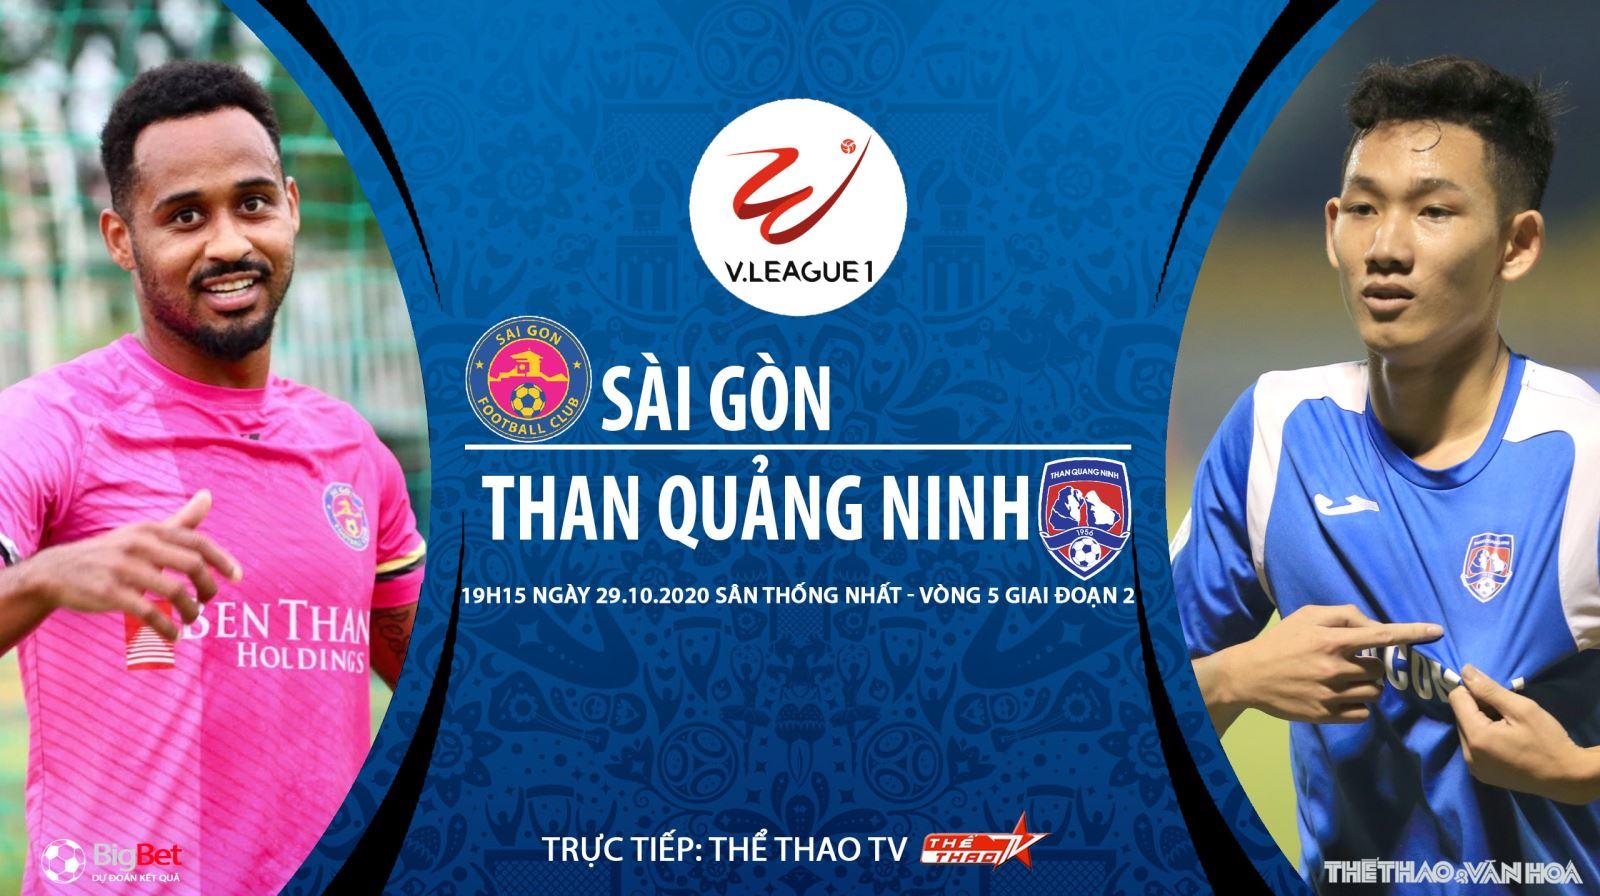 Soi kèo nhà cái. Sài Gòn vs Than Quảng Ninh. Trực tiếp bóng đá Việt Nam 2020